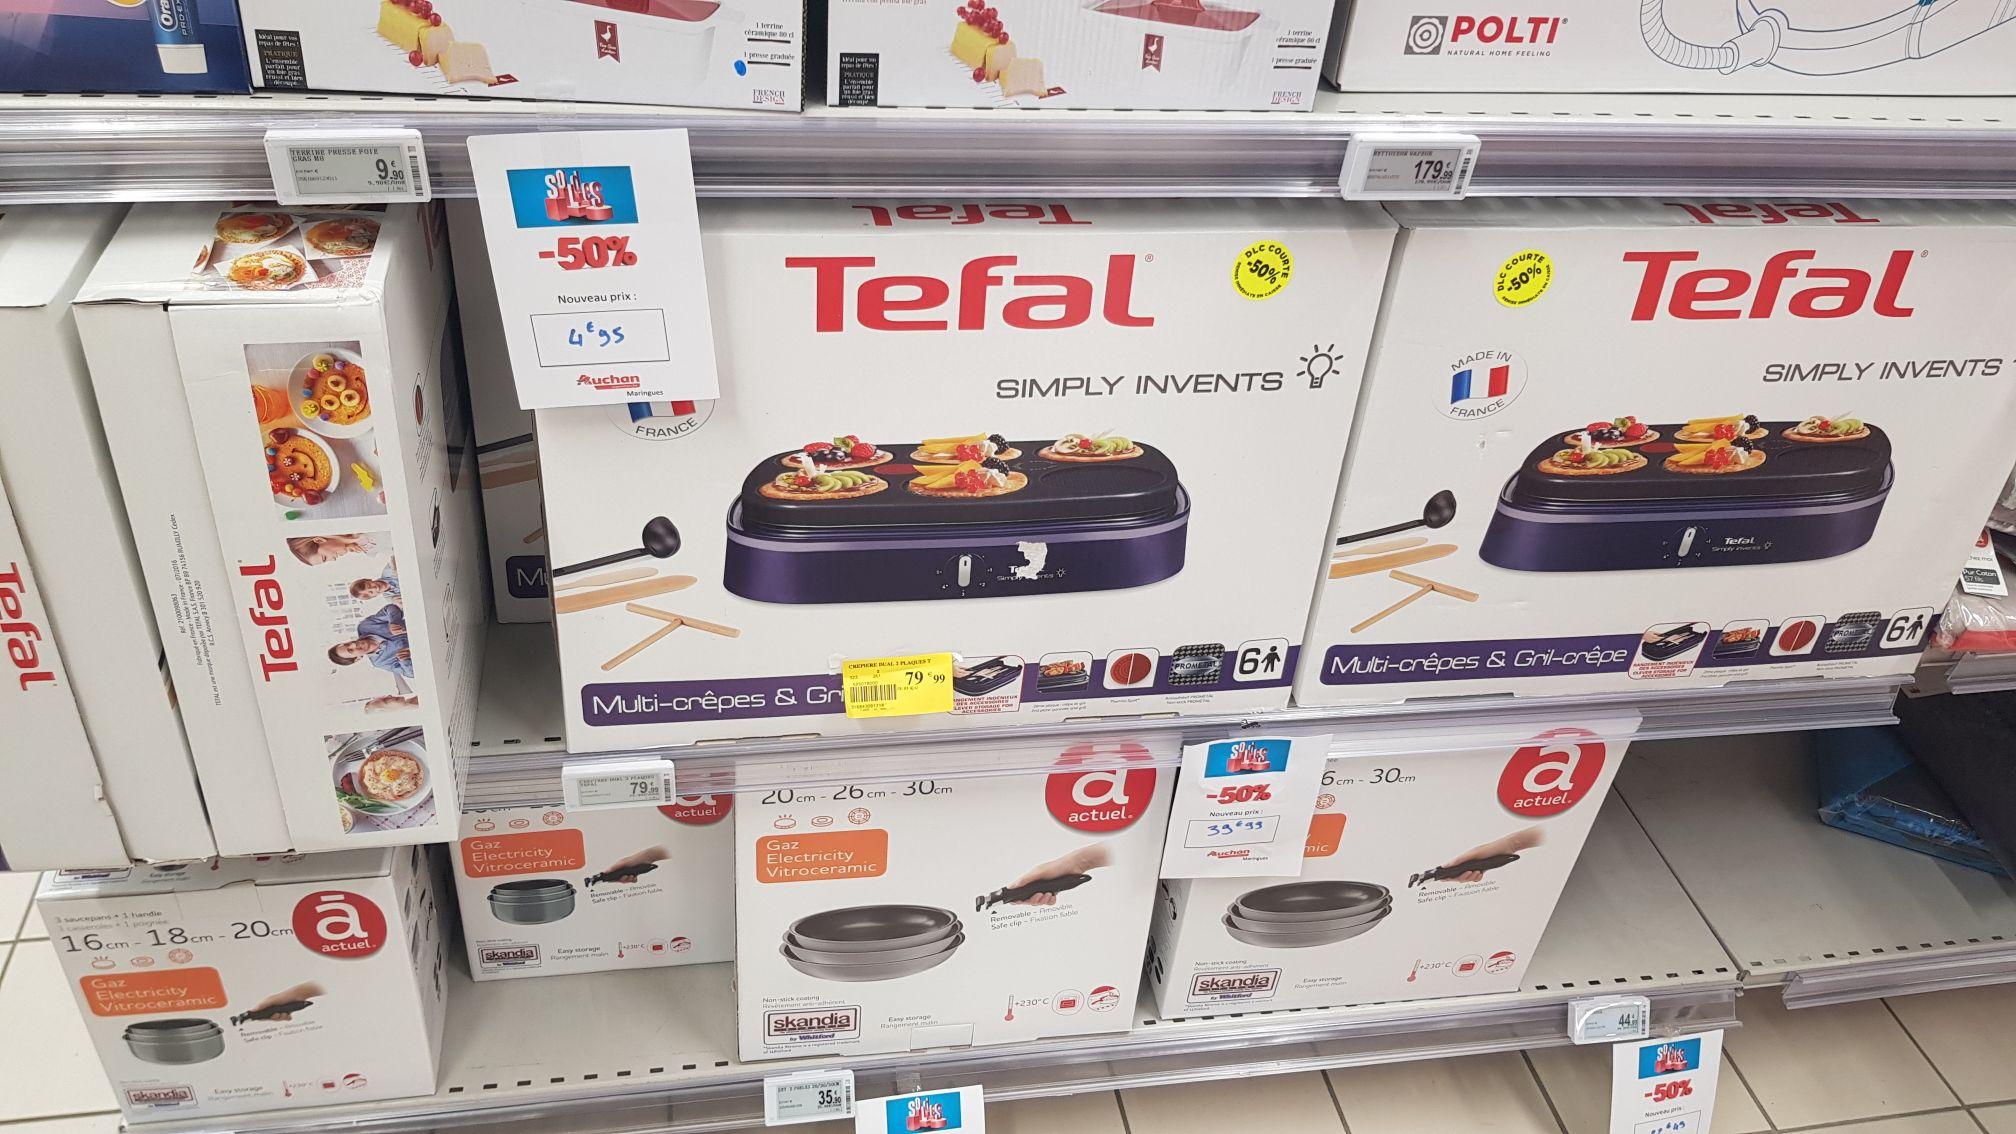 Appareil Tefal multi-crêpes et grill PY604612 - Maringues (63)